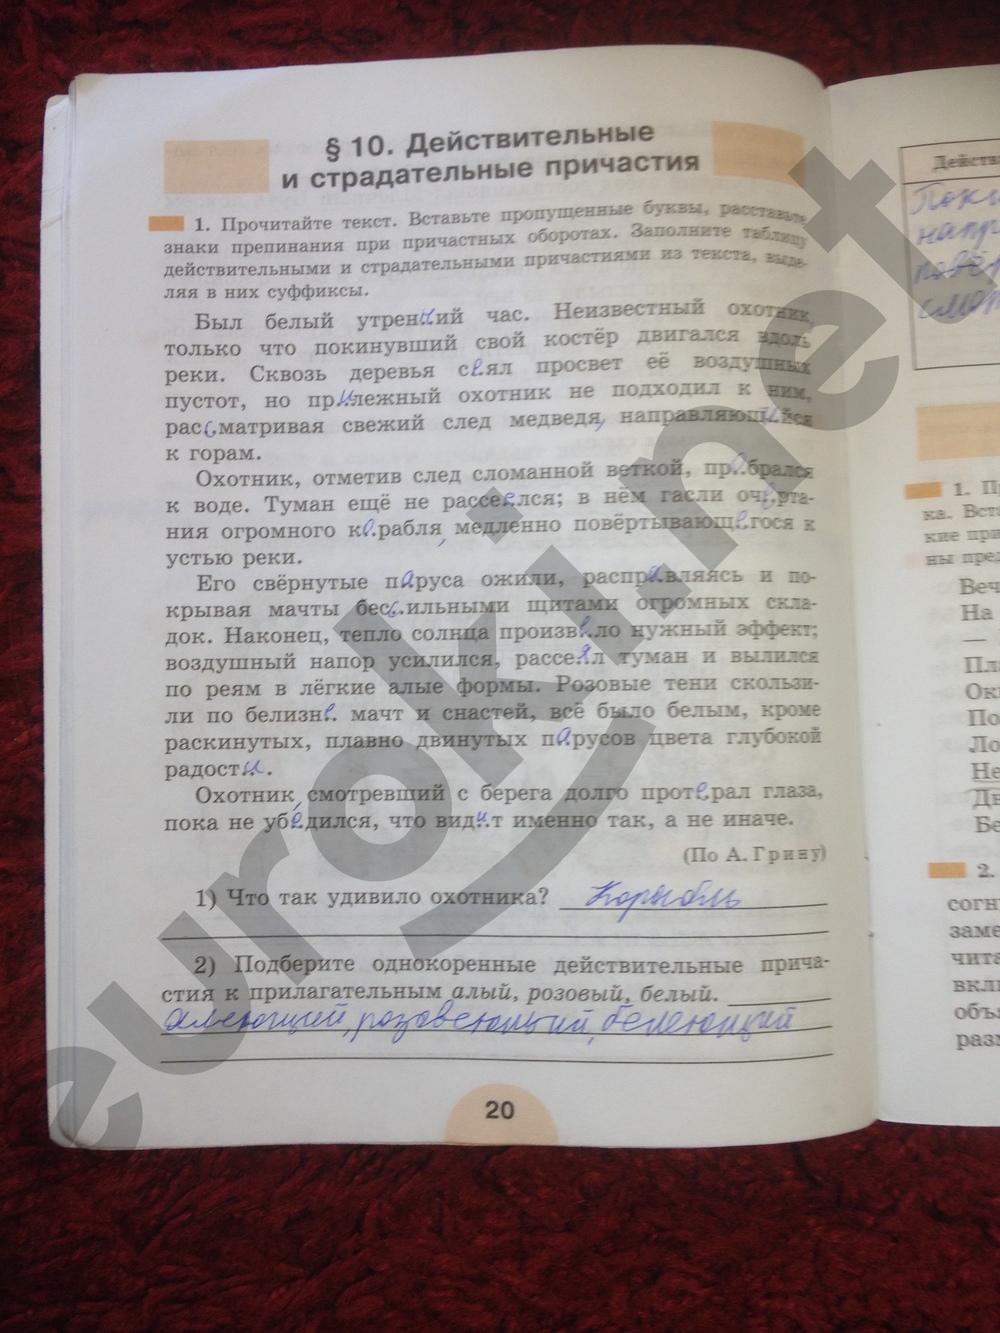 ГДЗ по русскому языку 7 класс рабочая тетрадь Рыбченкова, Роговик Часть 1, 2. Задание: стр. 20